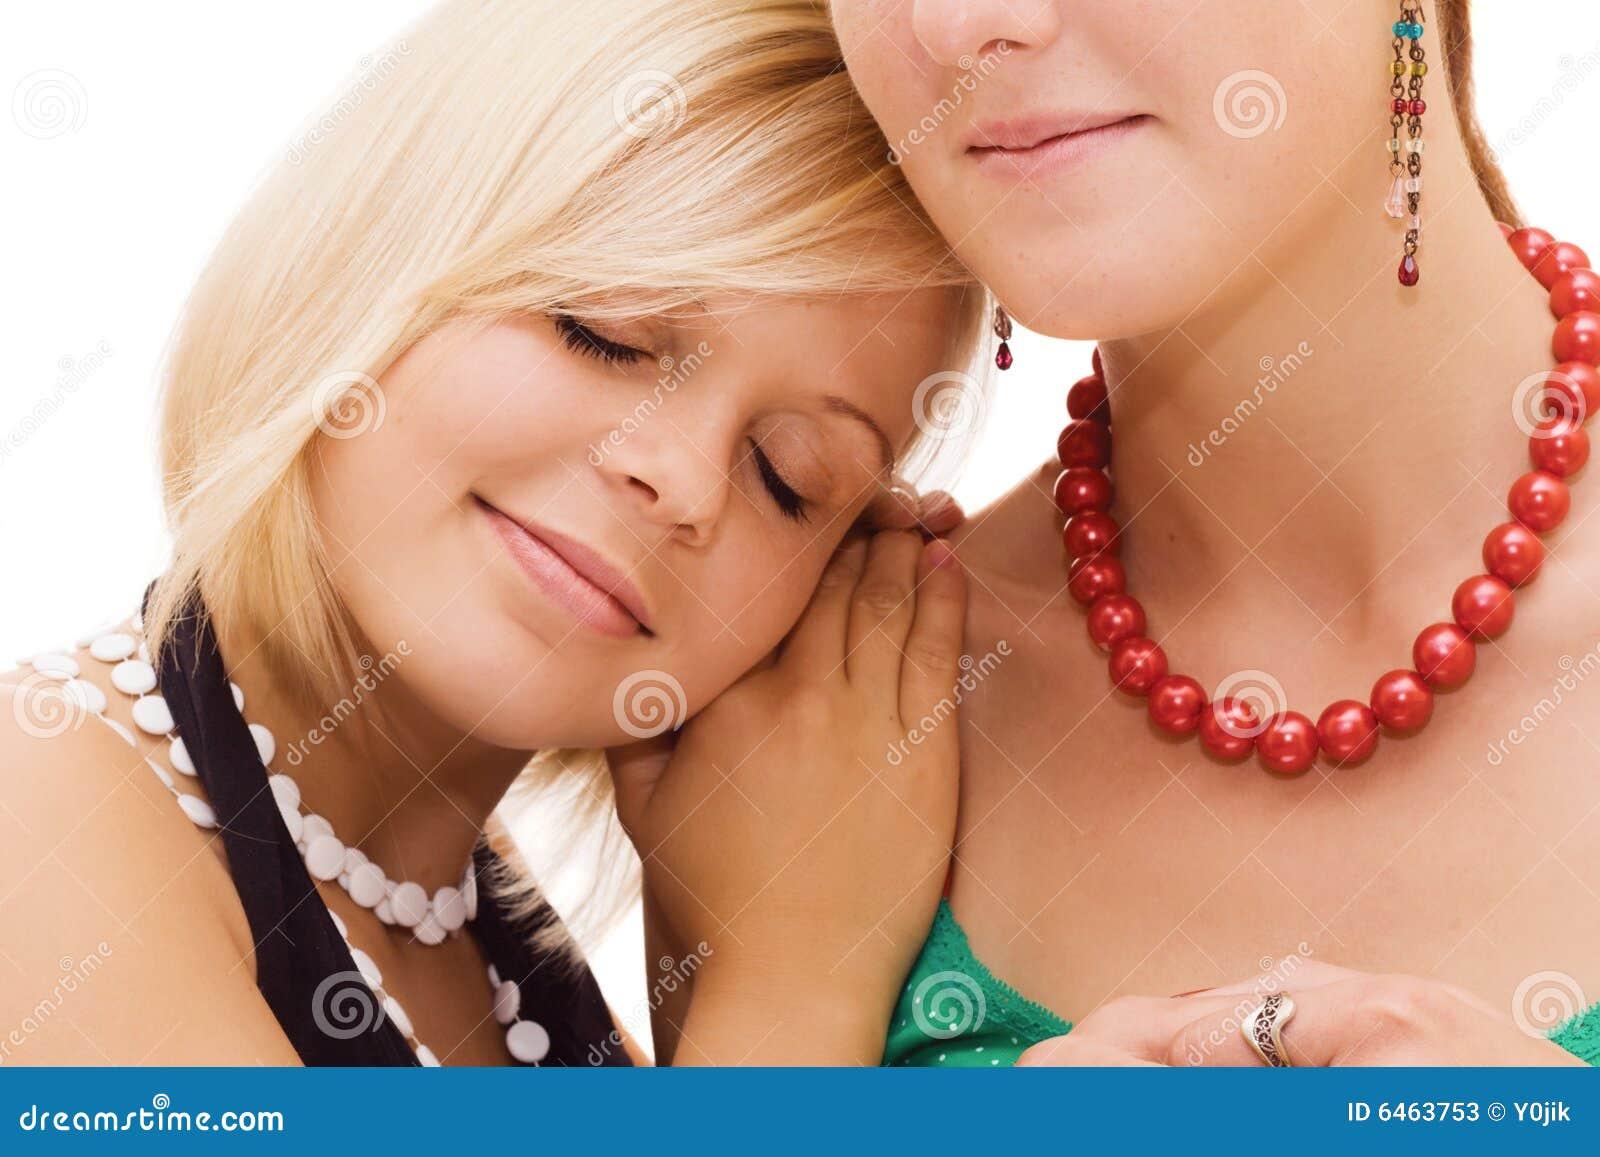 Przyjaciel dziewczynę głowa ją ramię s